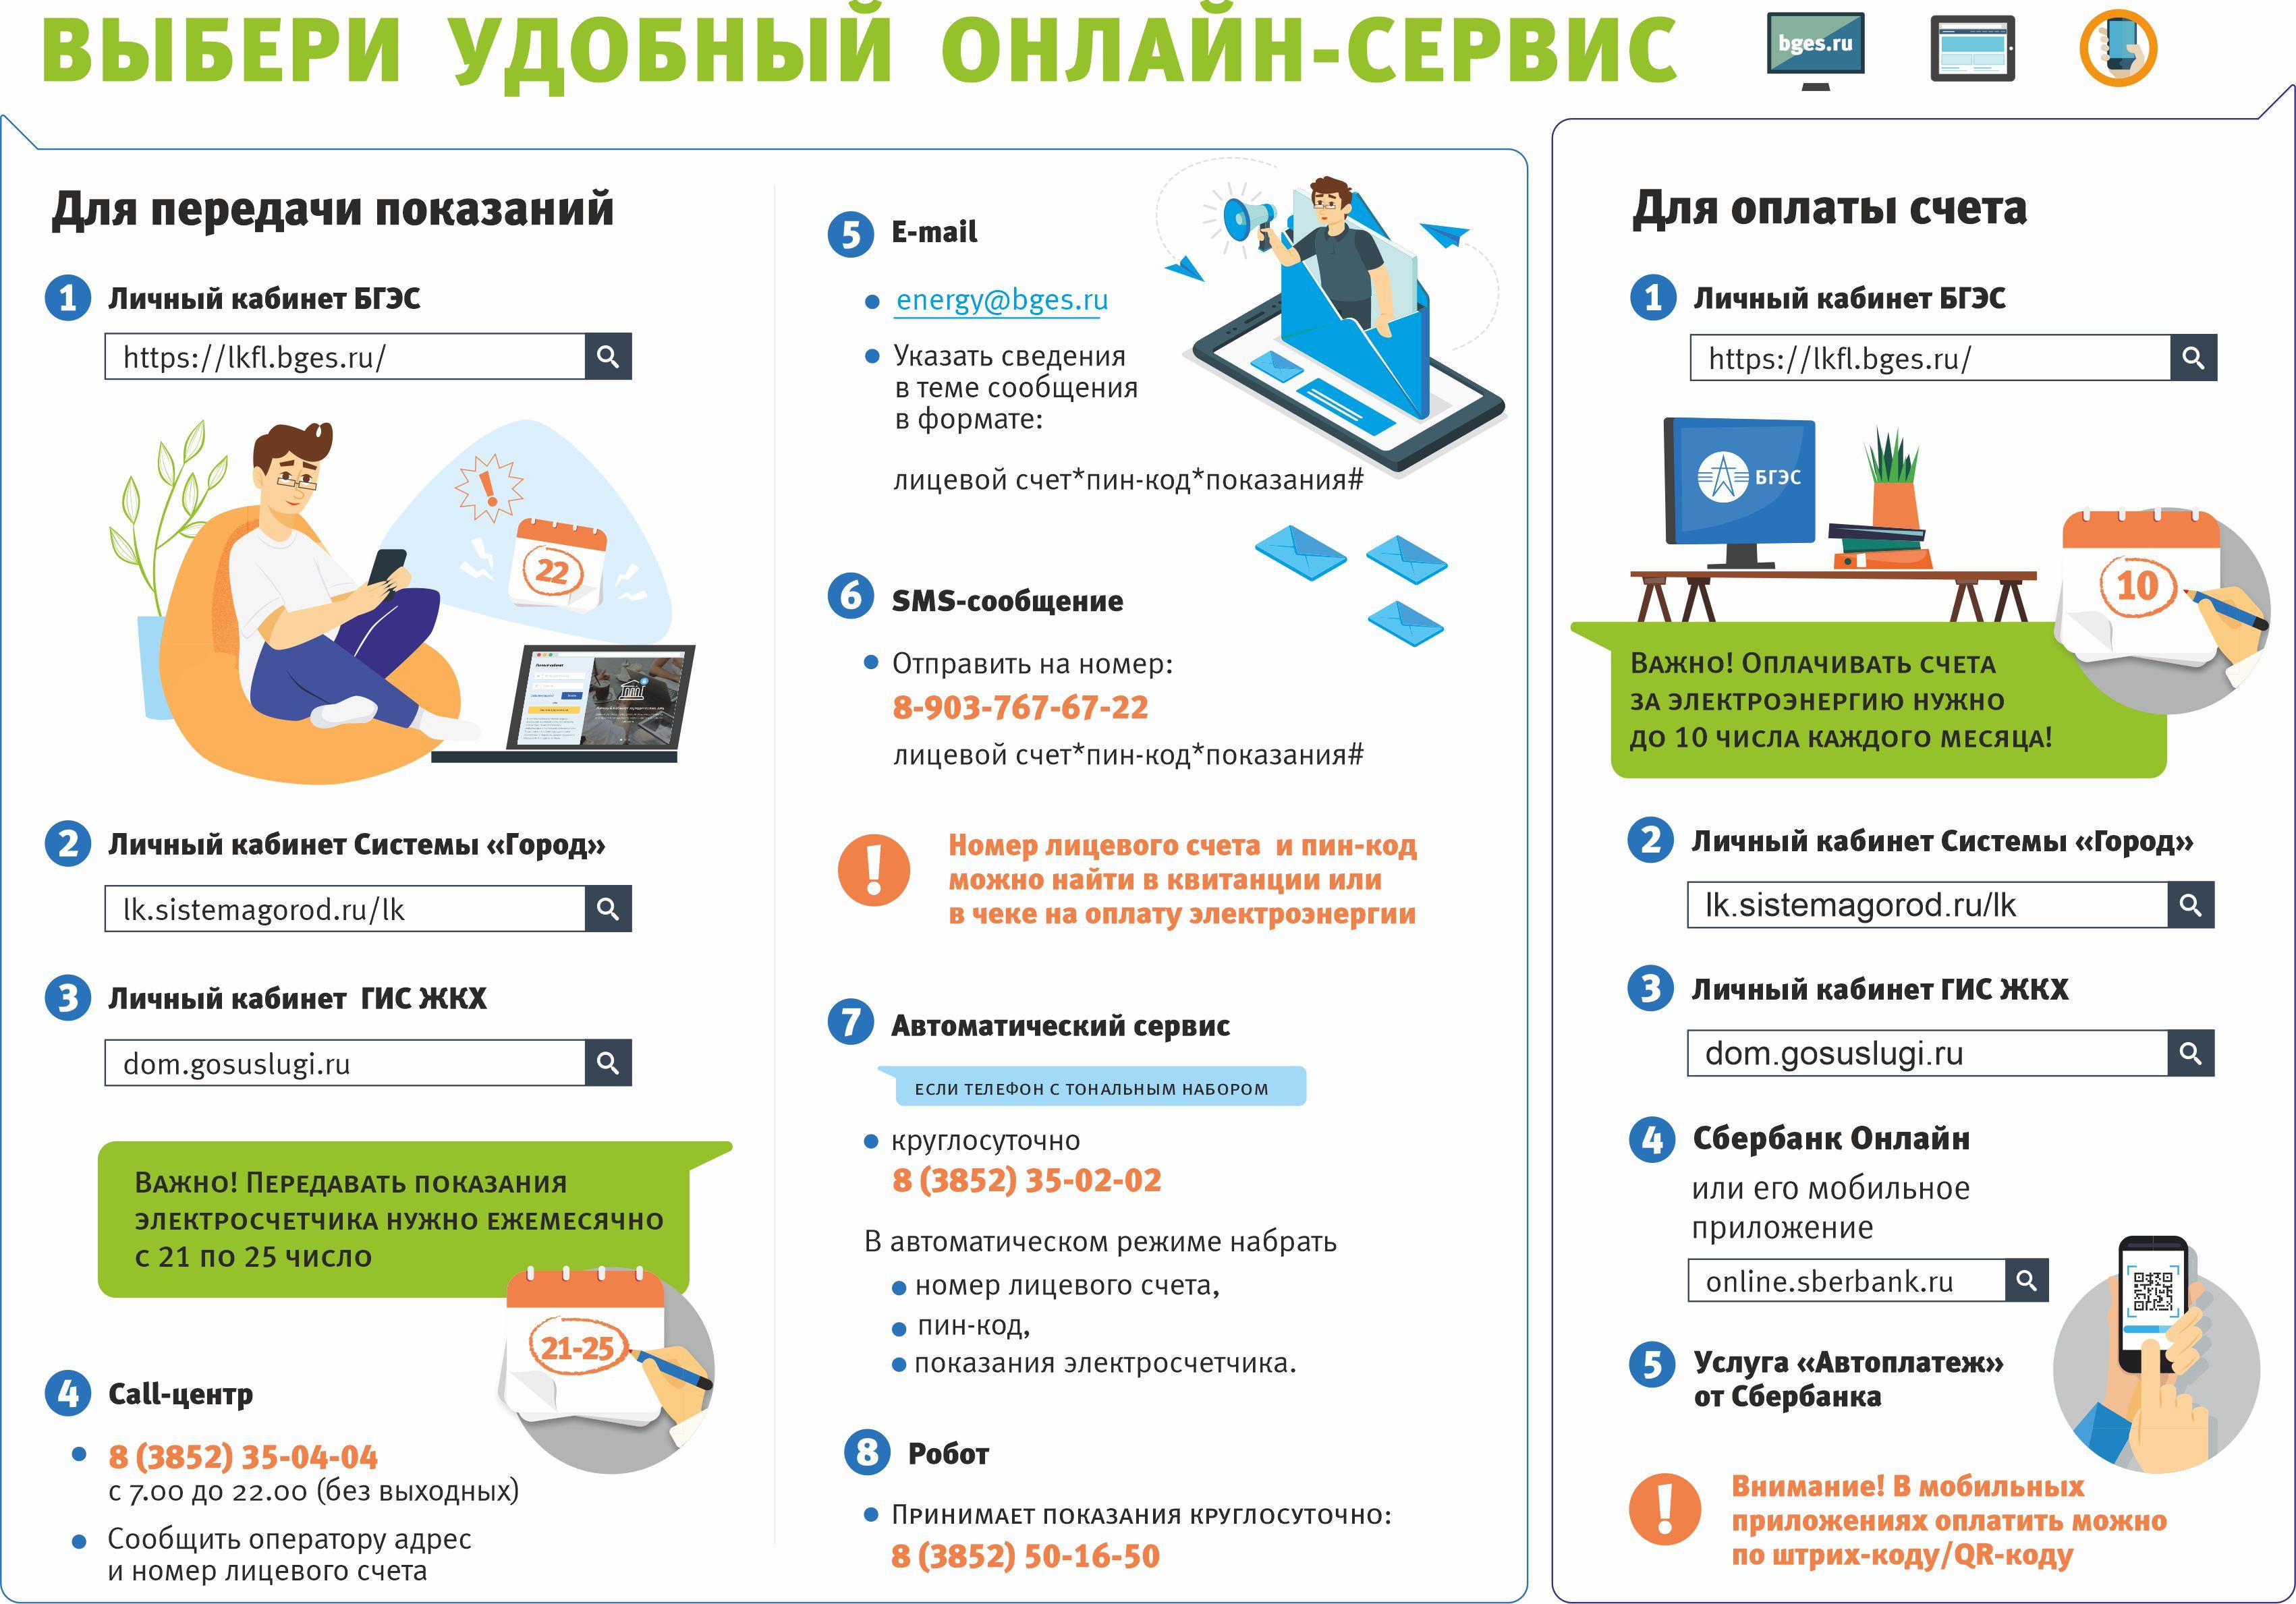 Способы оплаты электроэнергии через Интернет в личном кабинете банка и других платежных системах